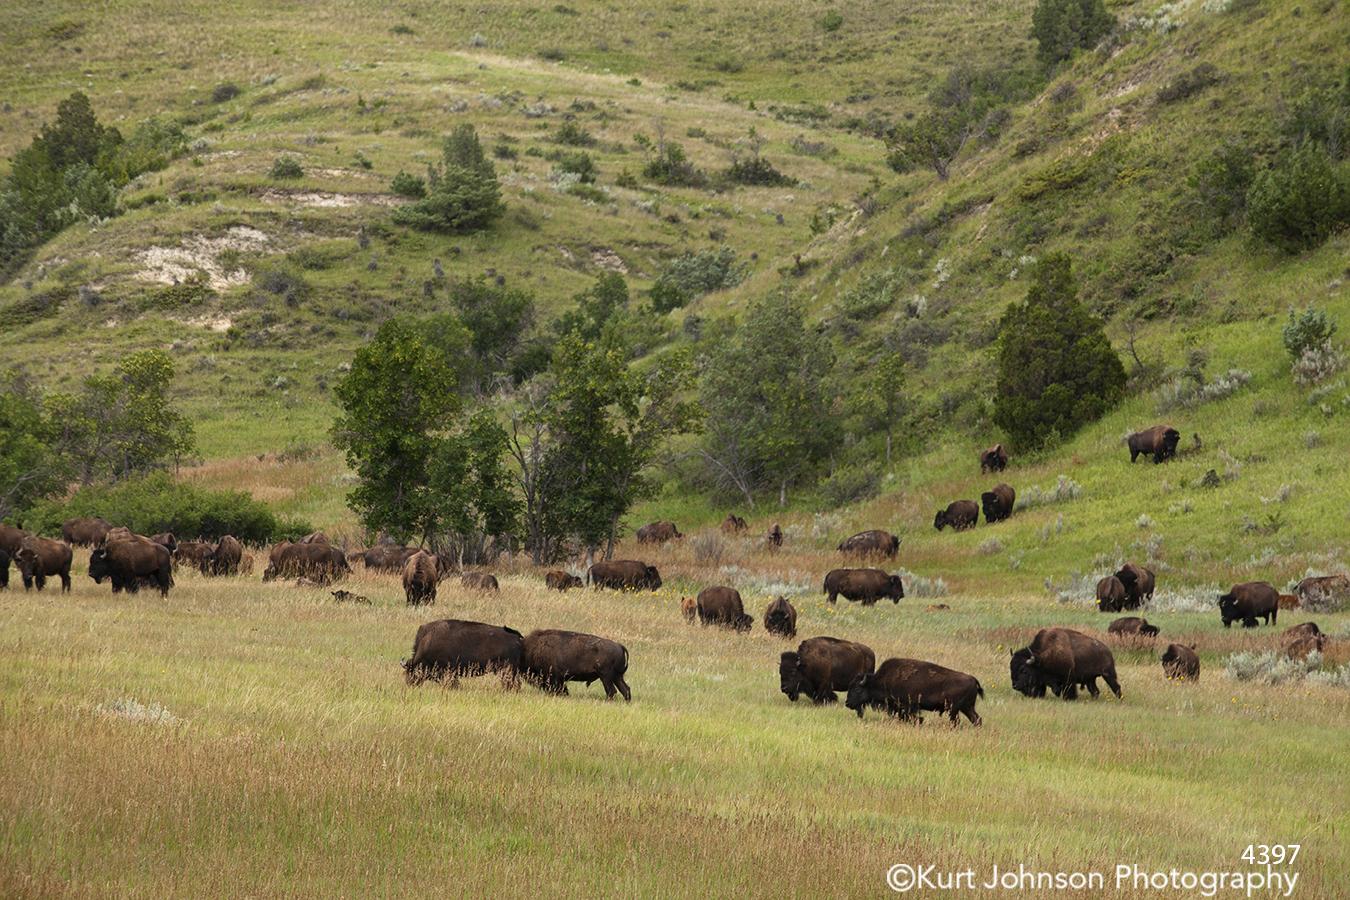 buffalo cattle brown steer green grass open field farm farmland trees landscape